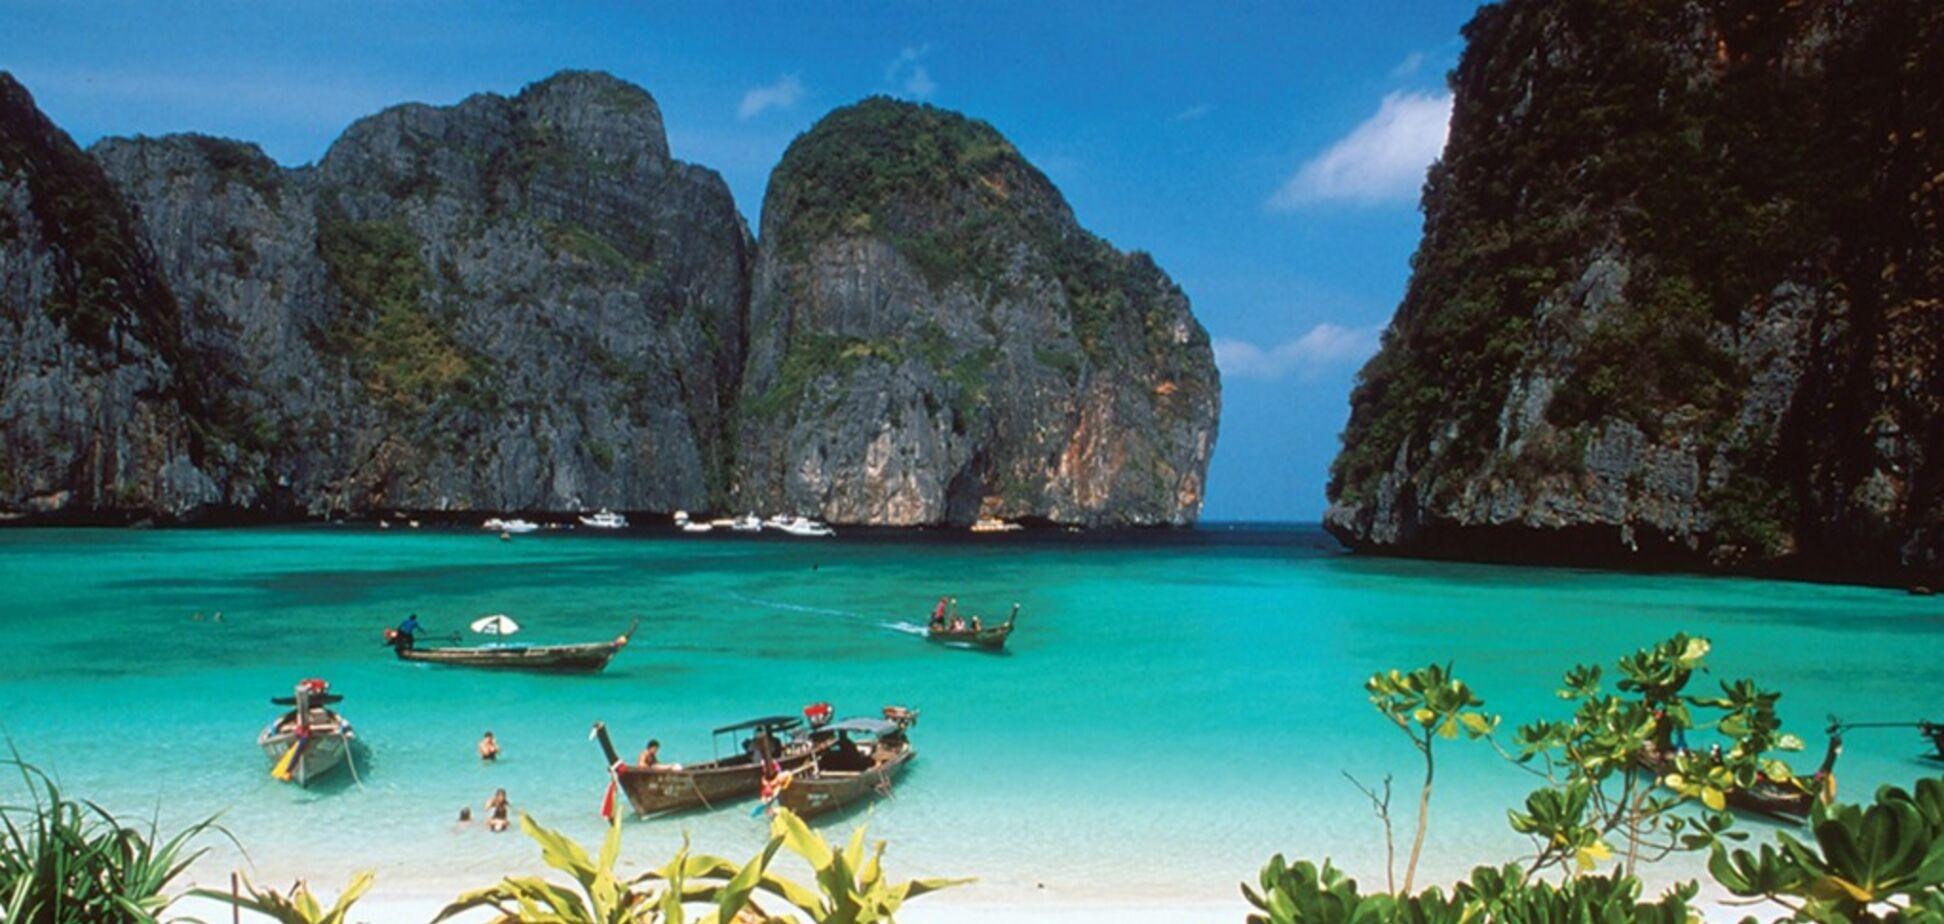 Бухта Майя Бей в Таїланді